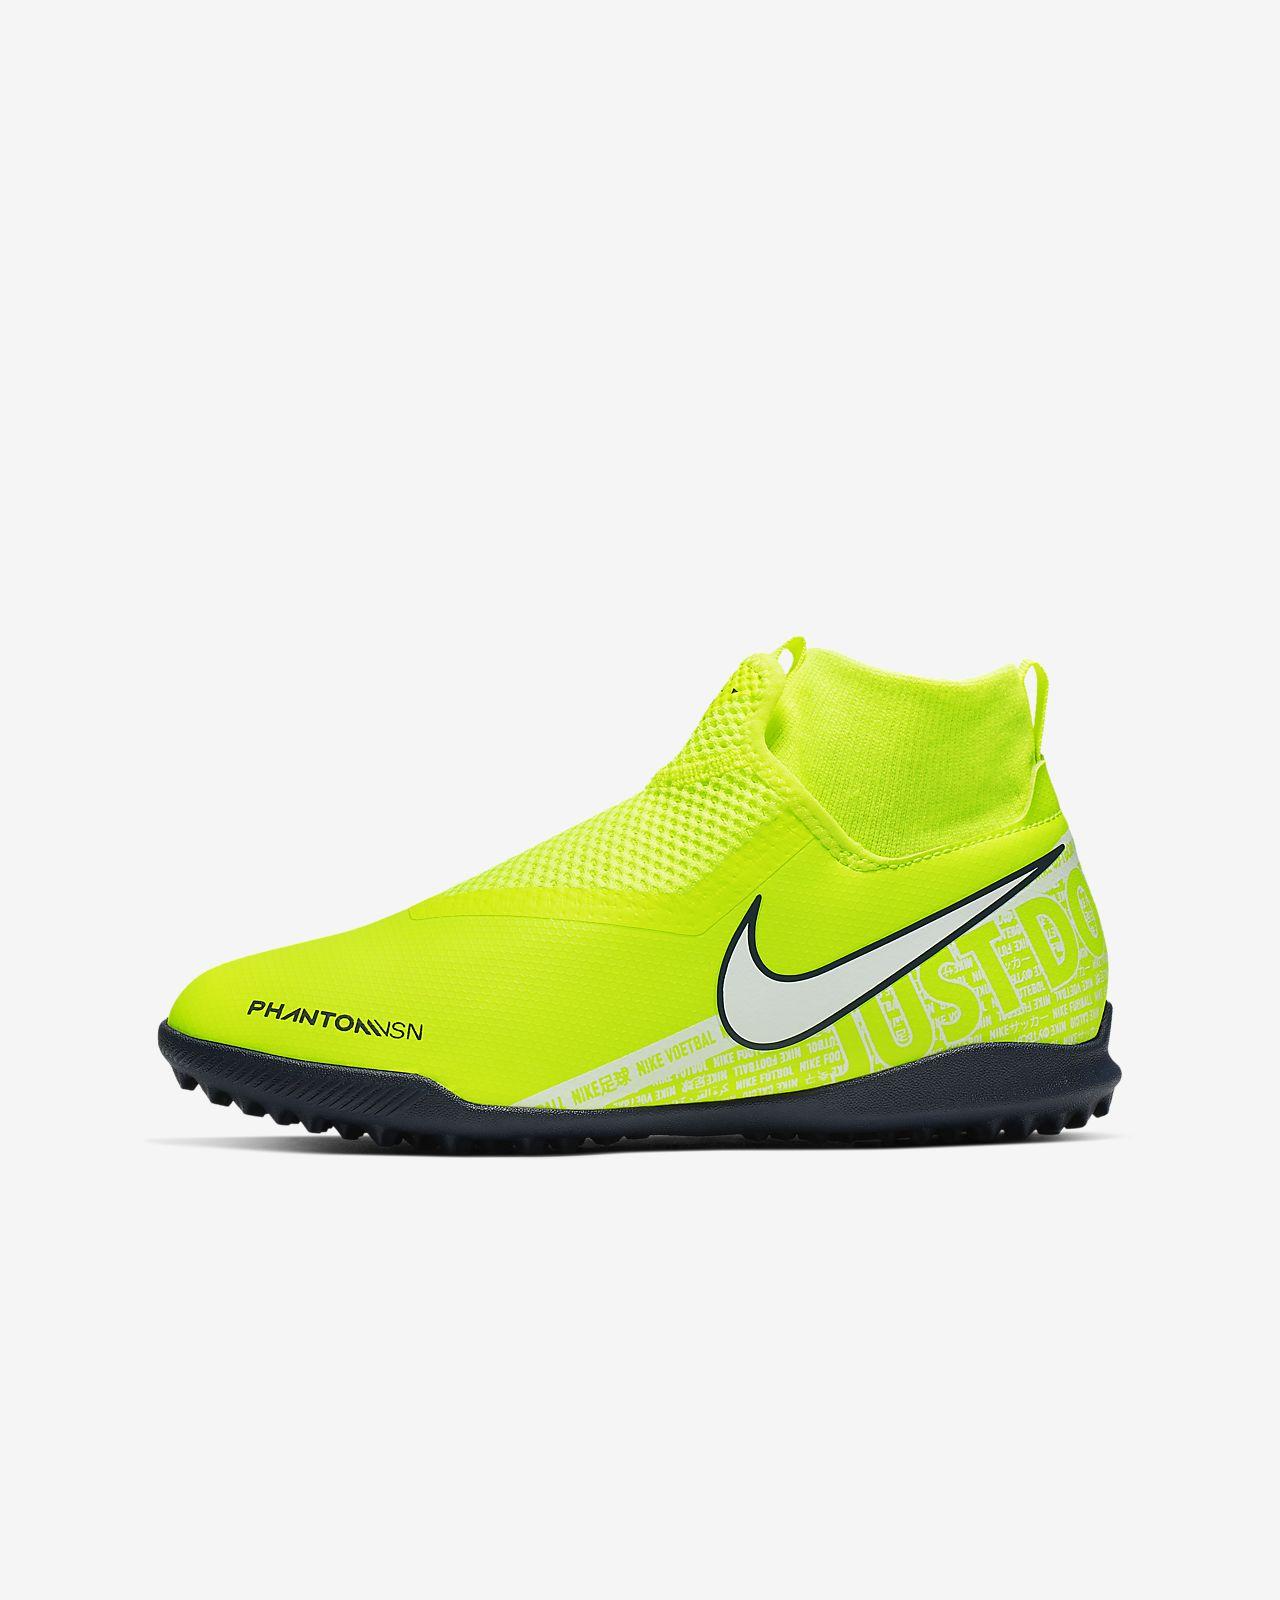 Buty piłkarskie na nawierzchnię typu turf dla małych/dużych dzieci Nike Jr. Phantom Vision Academy Dynamic Fit